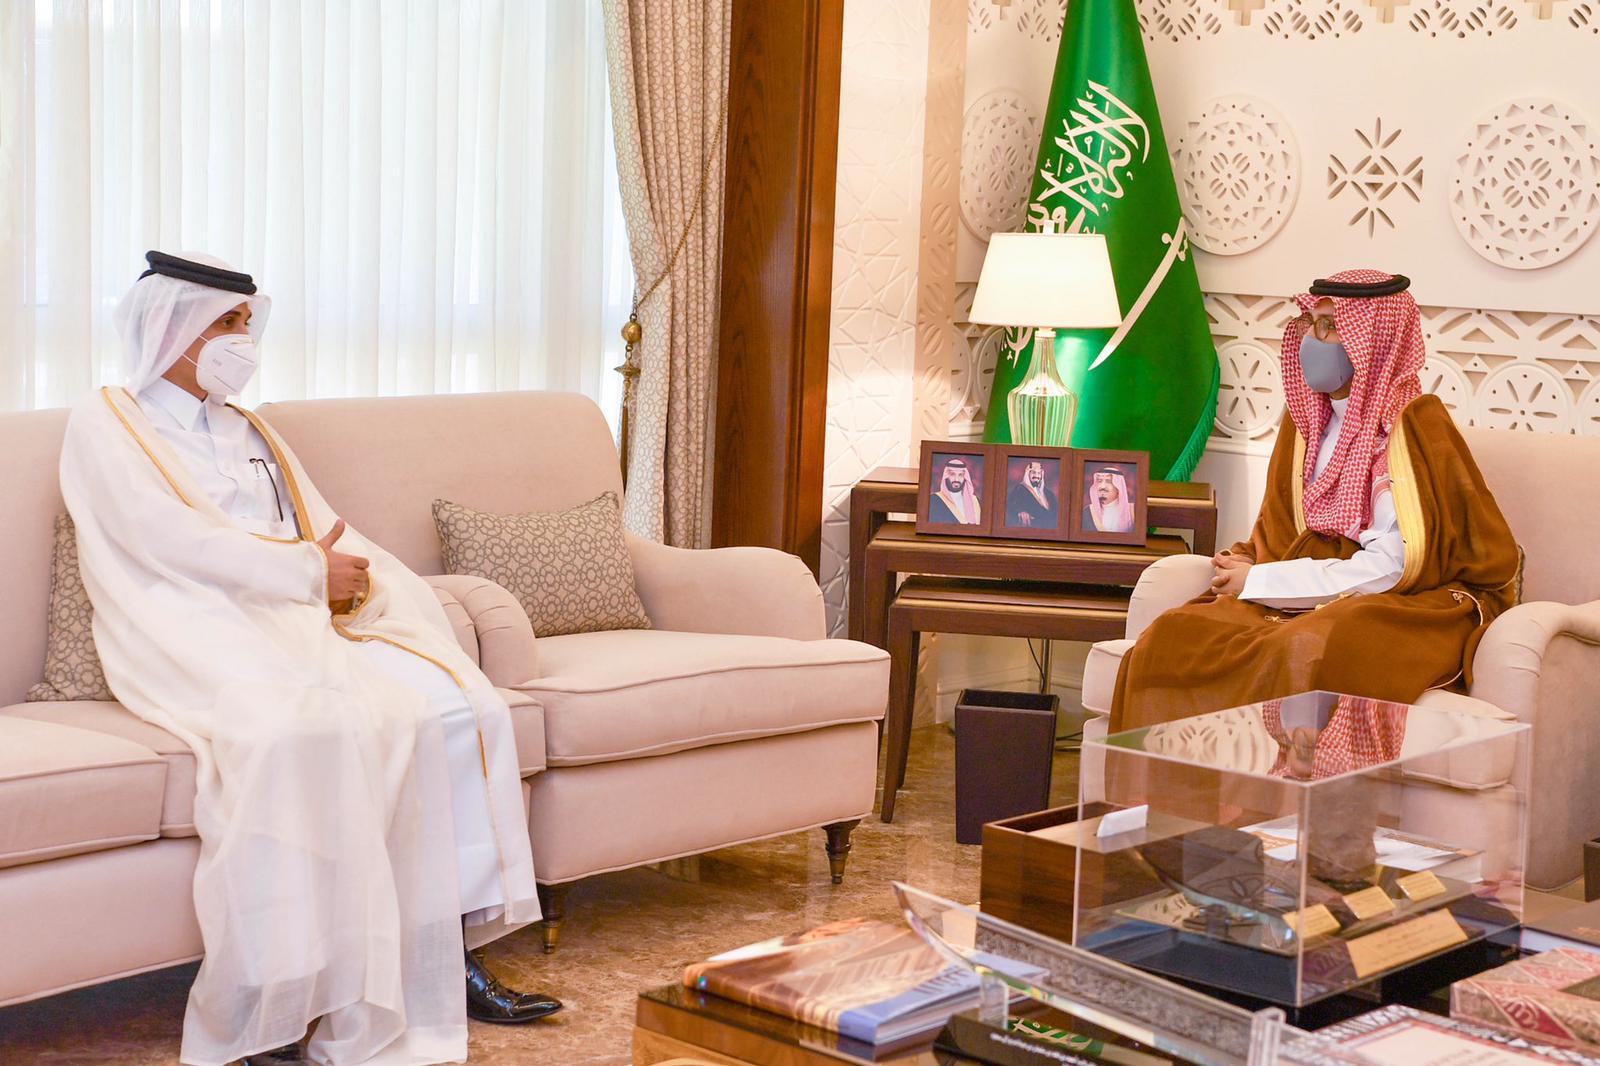 نائب أمير المنطقة الشرقية في السعودية يجتمع مع القائم بالأعمال القطري